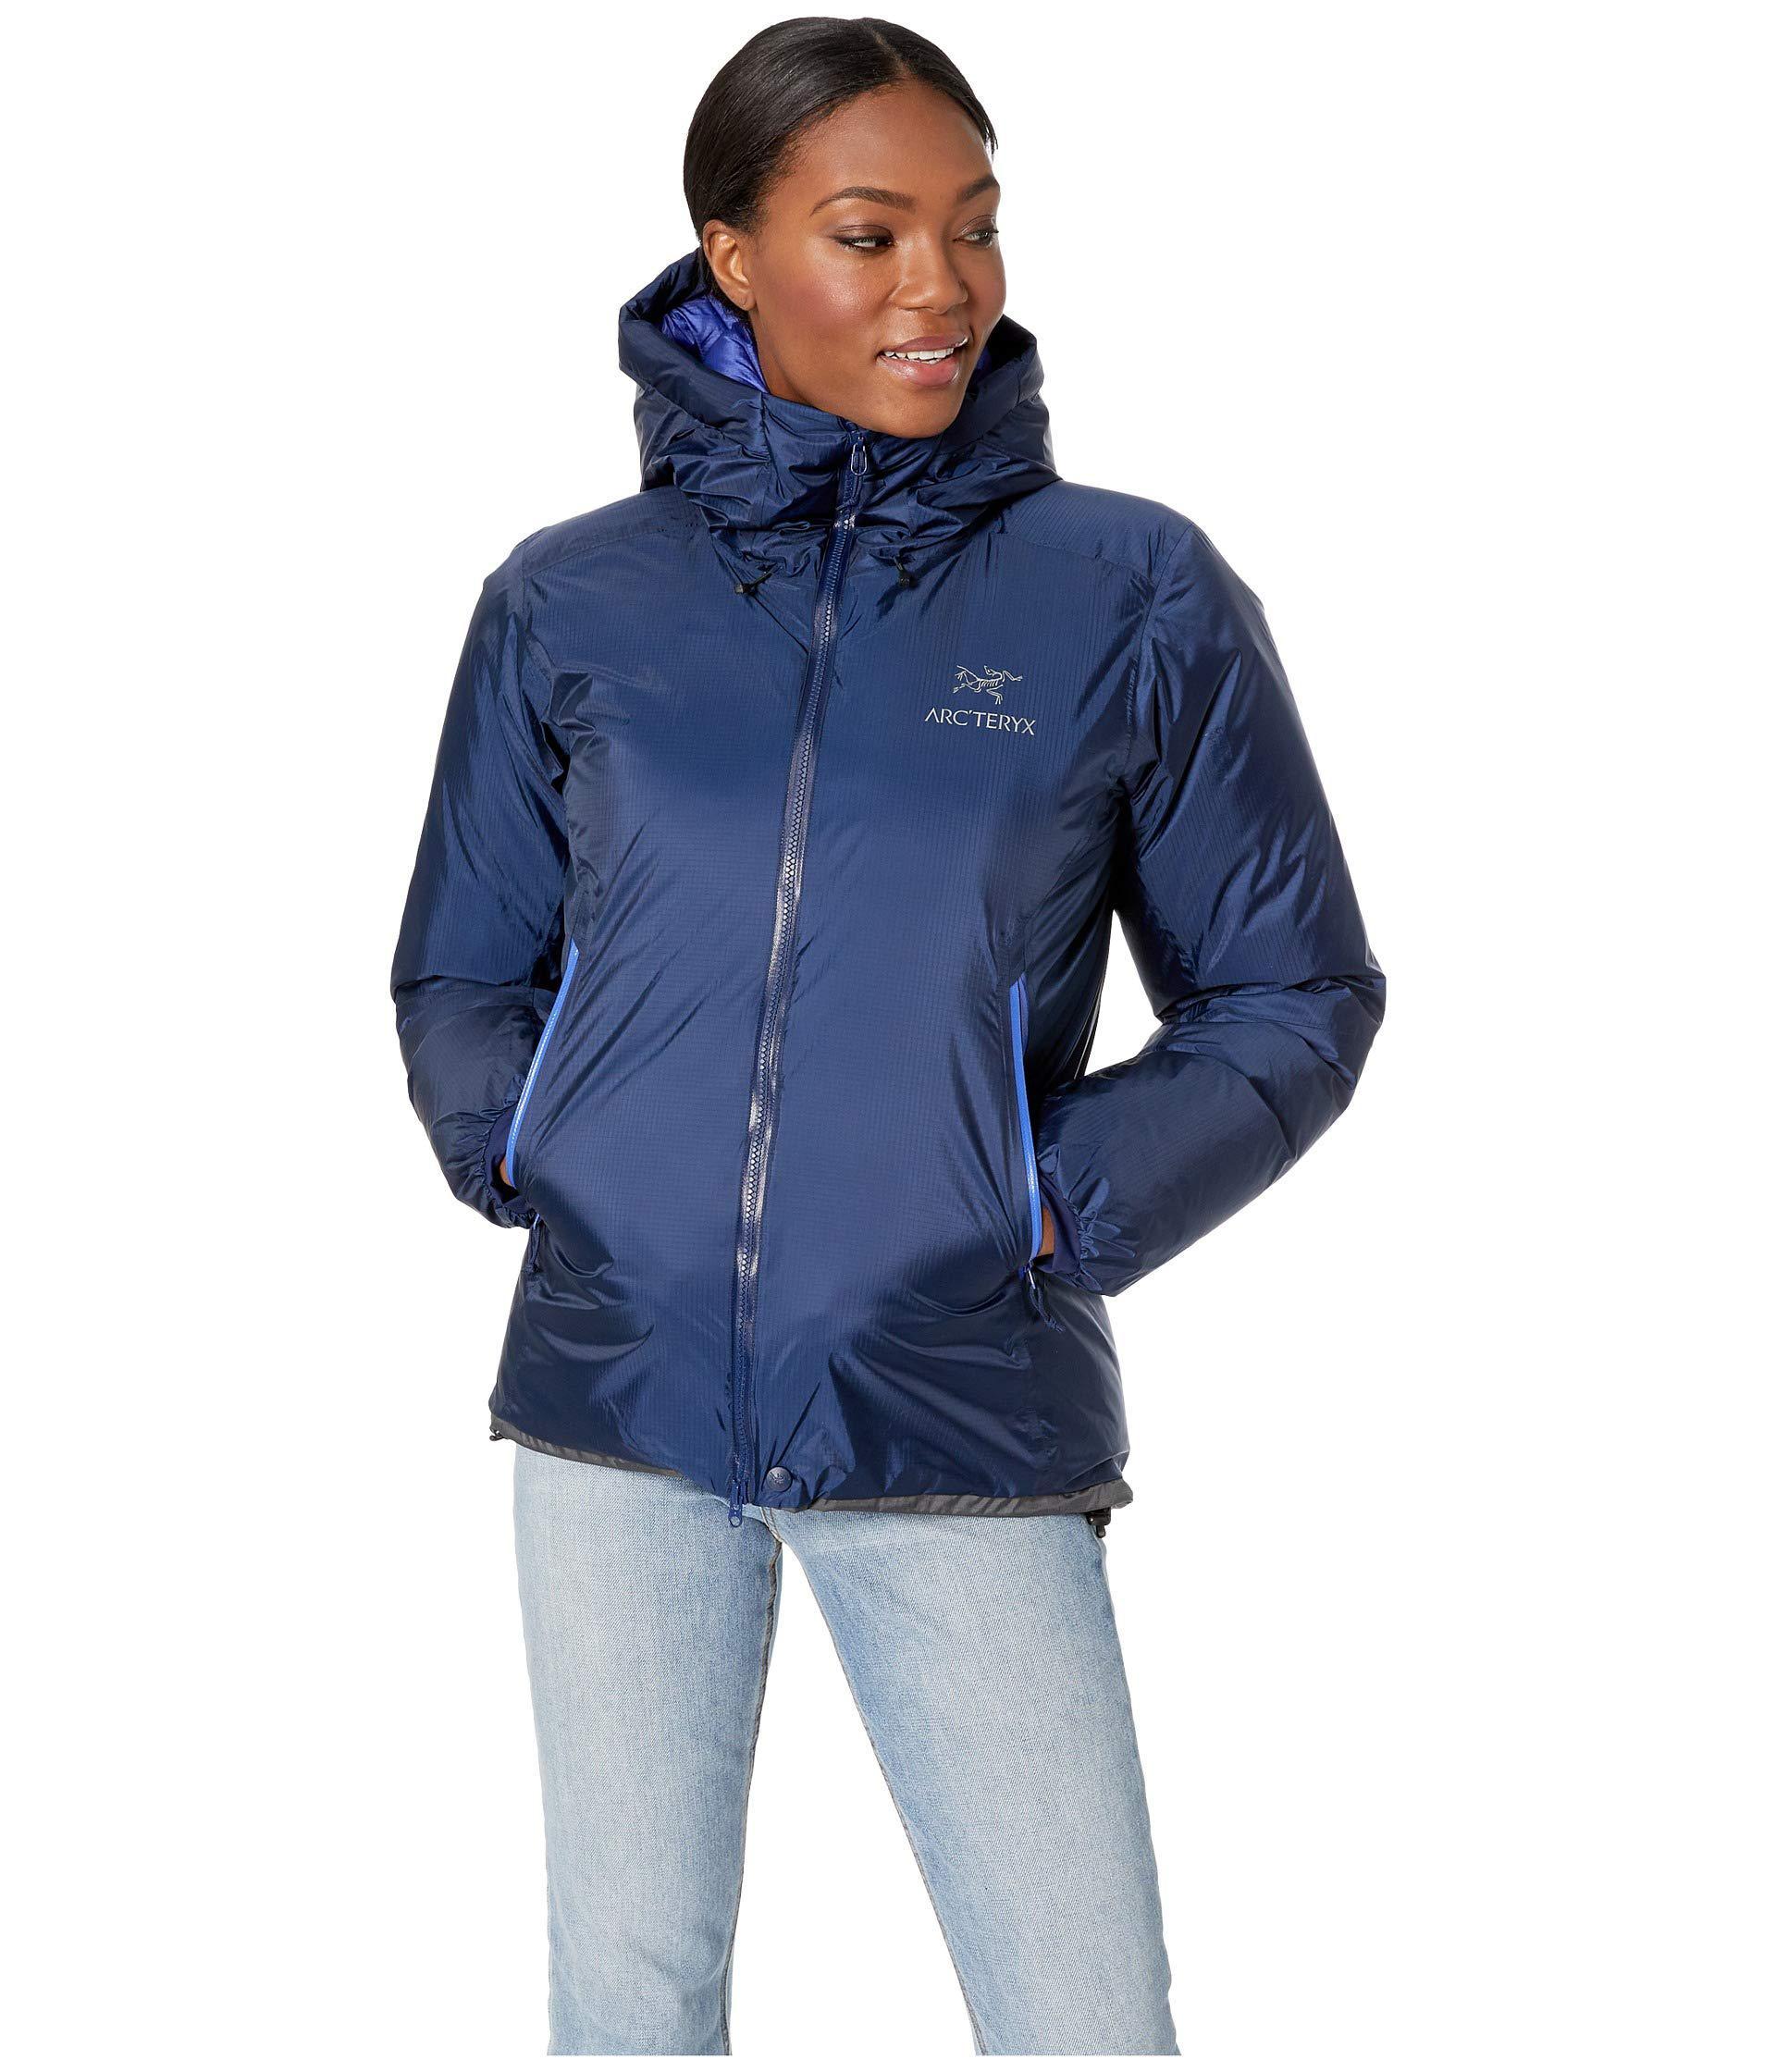 Arc'teryx Firebee Ar Parka (twilight) Women's Coat in Blue ...